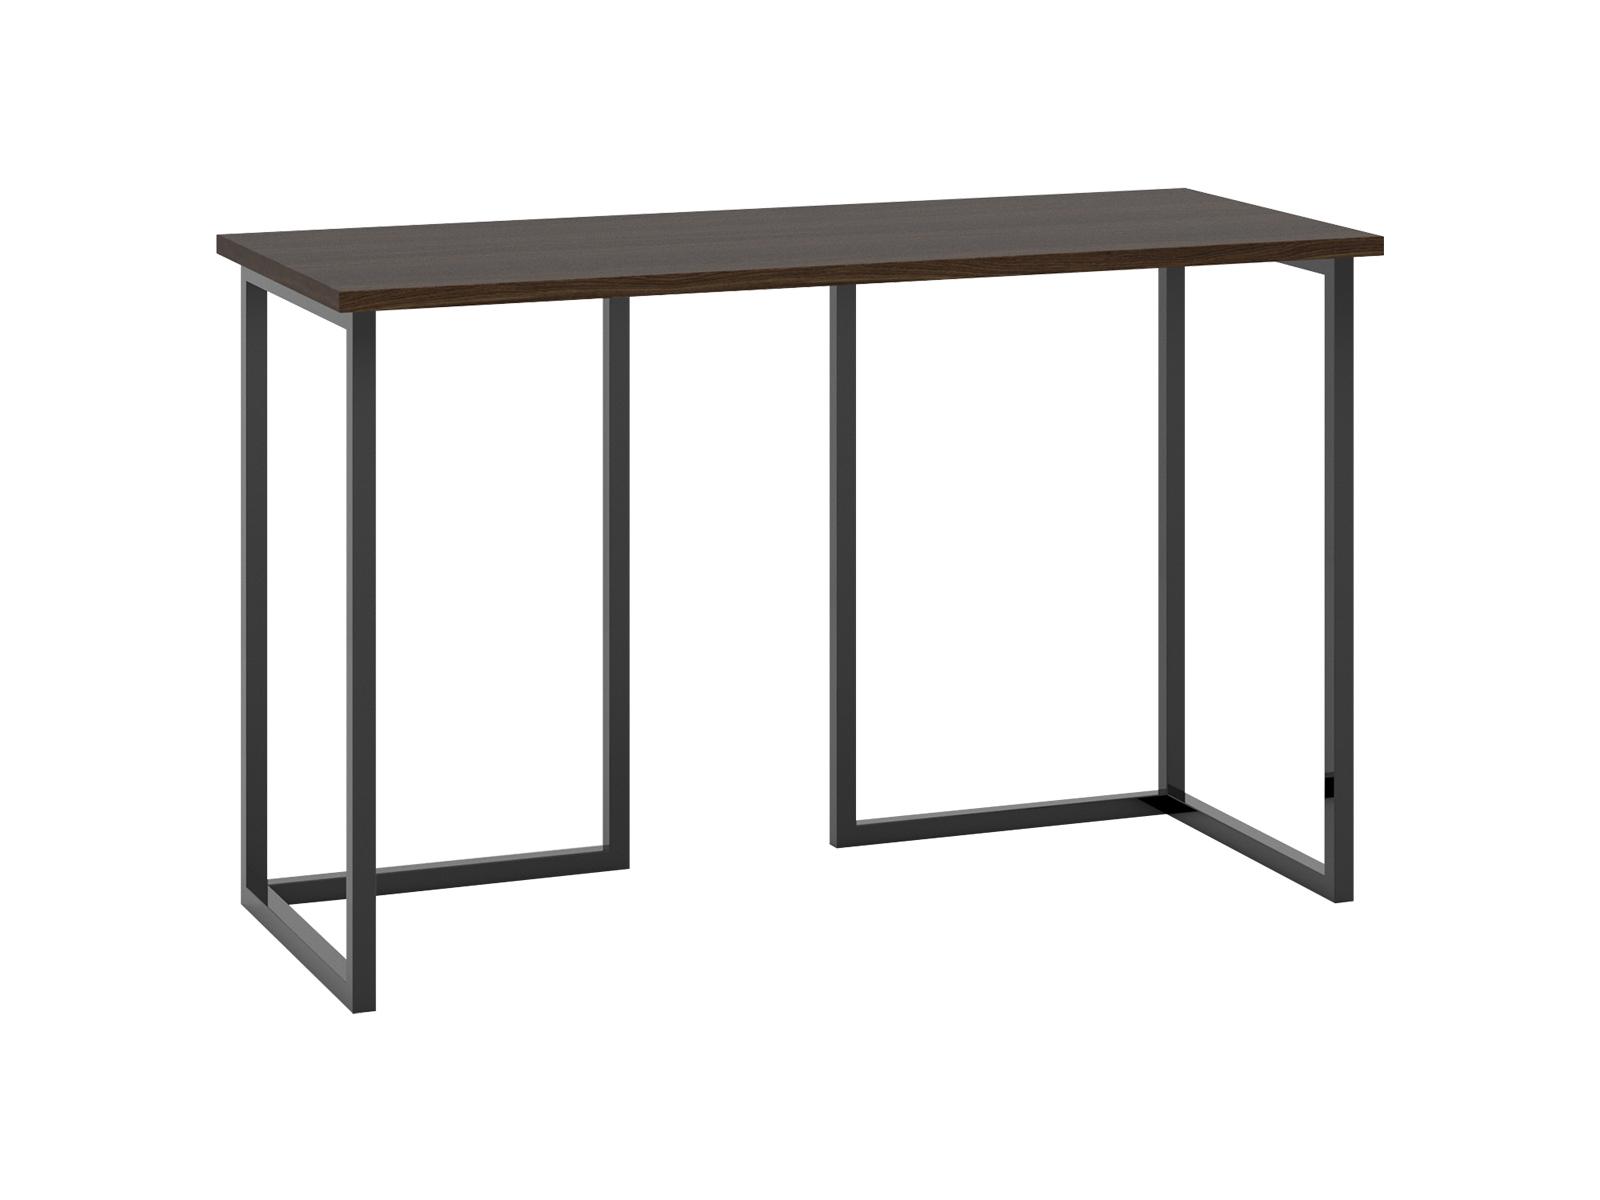 Стол BoardПисьменные столы<br>Большой выбор  столешниц и цветов оснований позволяет создавать комбинации, точно отвечающие вашим потребностям.&amp;lt;div&amp;gt;&amp;lt;br&amp;gt;&amp;lt;/div&amp;gt;&amp;lt;div&amp;gt;&amp;lt;div style=&amp;quot;font-size: 14px;&amp;quot;&amp;gt;Основание: металл окрашенный.&amp;lt;/div&amp;gt;&amp;lt;div style=&amp;quot;font-size: 14px;&amp;quot;&amp;gt;Столешница: ЛДСП 22мм.&amp;lt;/div&amp;gt;&amp;lt;/div&amp;gt;<br><br>Material: ДСП